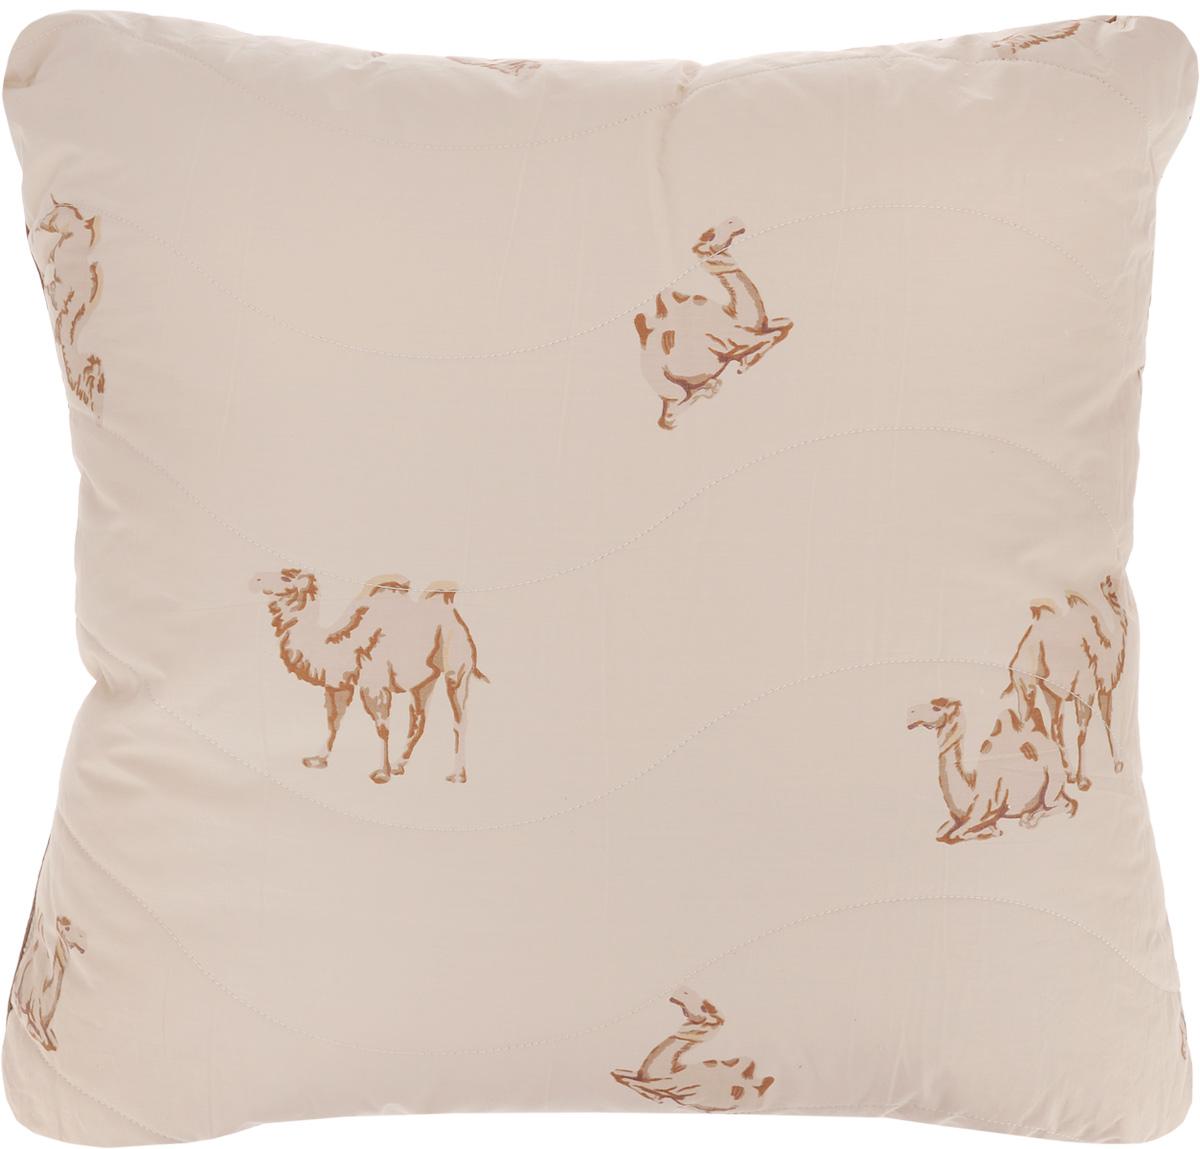 Подушка Легкие сны Верби, наполнитель: верблюжья шерсть, 68 х 68 см16057Подушка Легкие сны Верби поможет расслабиться, снимет усталость и подарит вам спокойный и здоровый сон. Изделие обеспечит комфортную поддержку головы и шеи во время сна.Верблюжья шерсть является прекрасным изолятором и широко используется как наполнитель для постельных принадлежностей. Шерсть обладает отличными согревающими свойствами и способна быстро поглощать влагу, поэтому производимое верблюжьей шерстью целебное тепло называют сухим. Чехол подушки выполнен из прочного тика с рисунком в виде верблюдов. Это натуральная хлопчатобумажная ткань, отличающаяся высокой плотностью, она устойчива к проколам и разрывам, а также отличается долговечностью в использовании. Чехол приятен к телу и надежно удерживает наполнитель внутри подушки. По краю подушки выполнена отделка атласным кантом коричневого цвета. Рекомендуется химчистка. Степень поддержки: средняя.